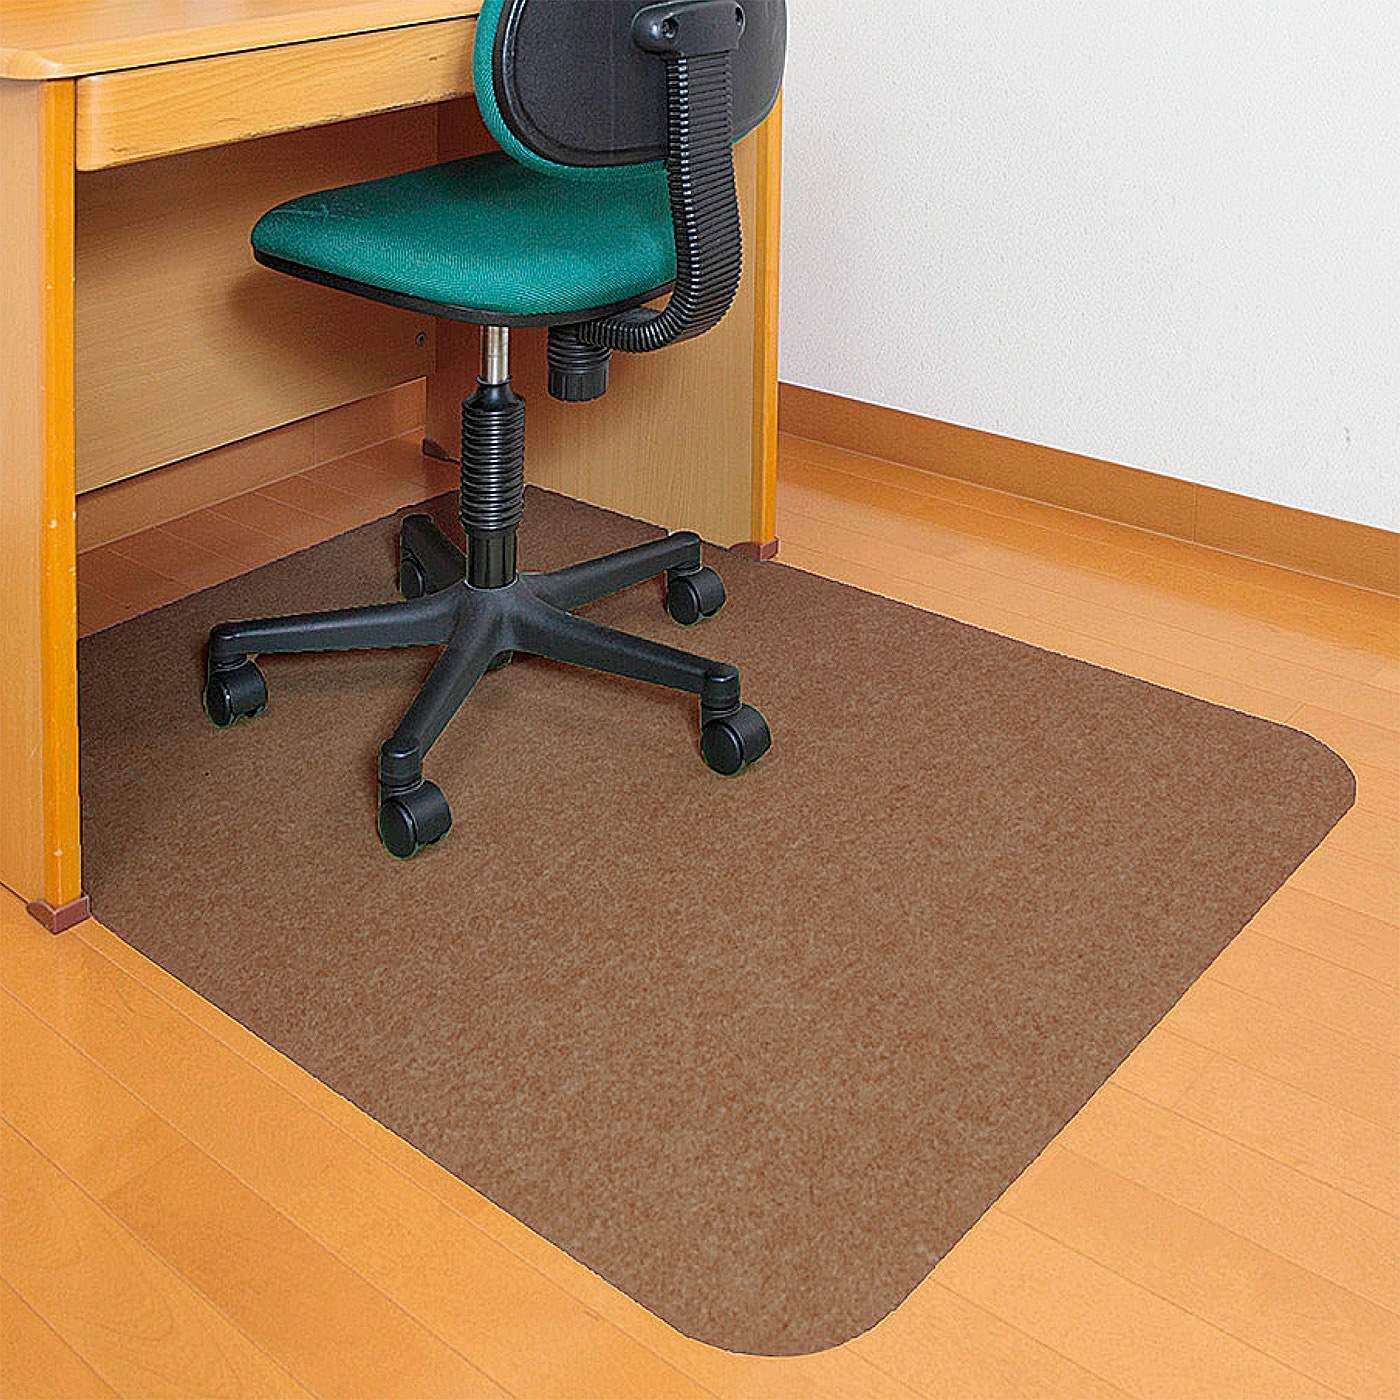 フェリシモ ずれずに床の傷つきを防止 学習机の足もとマット